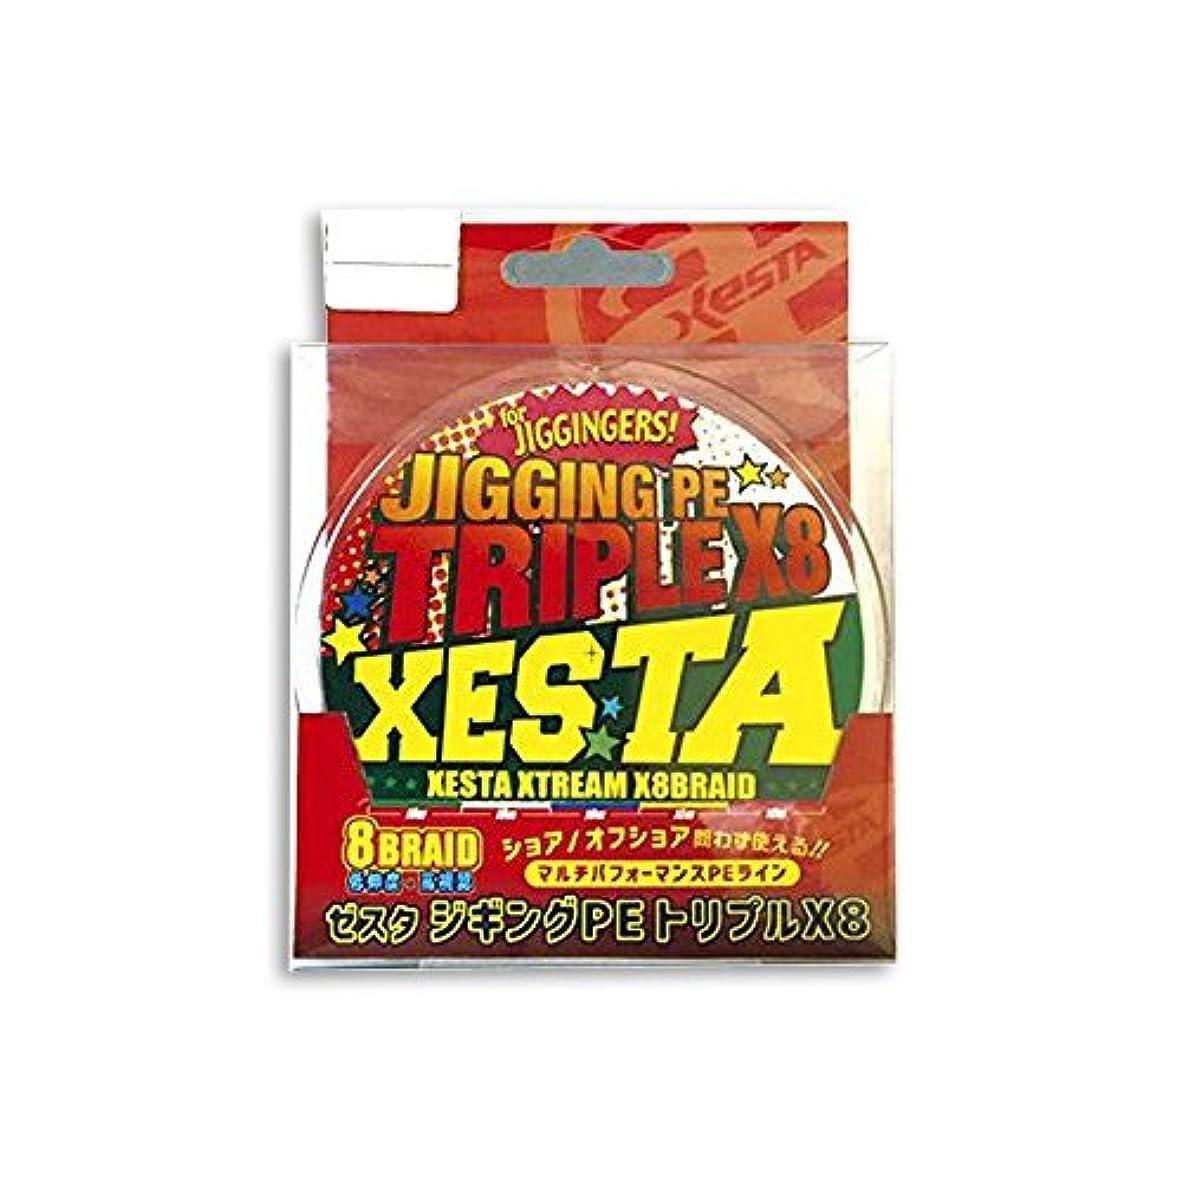 試してみる咲く風ゼスタ(XESTA) PEライン ジギングPE トリプルX8 300m 1号 17lb(7.7kg)